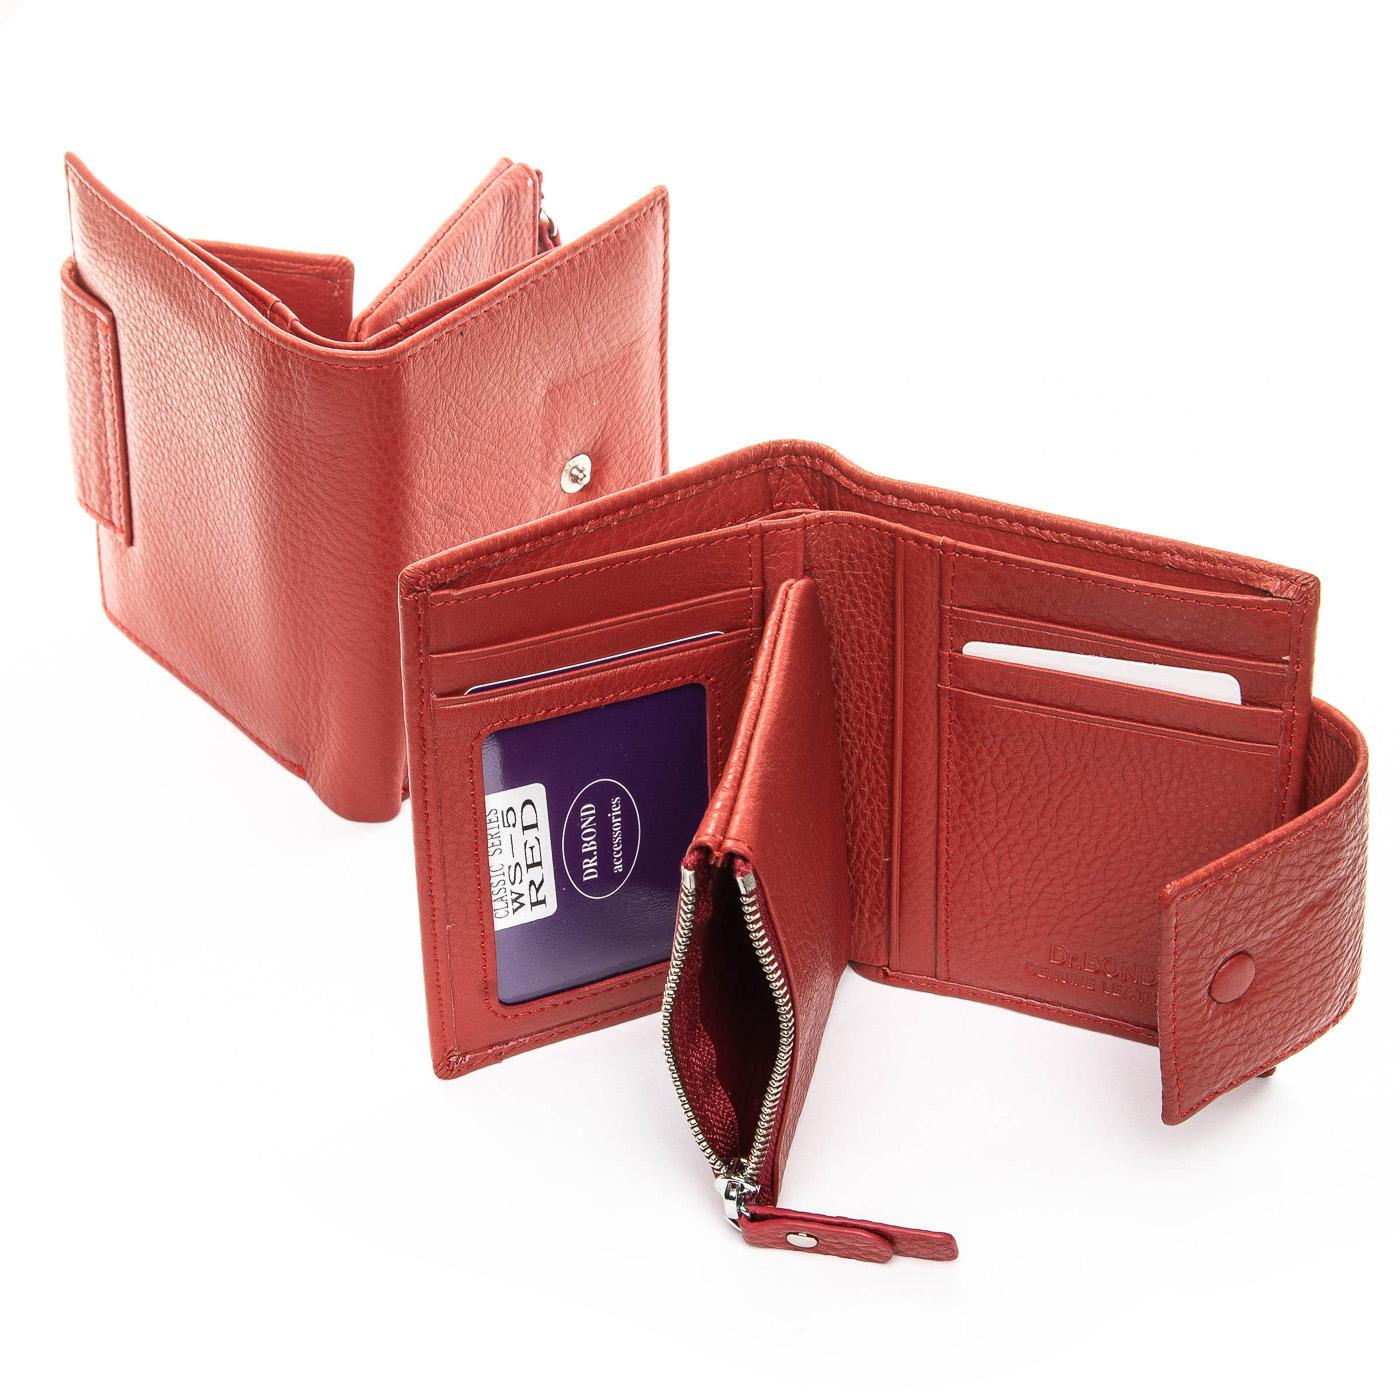 Кошелек Classic кожа DR. BOND WS-5 red